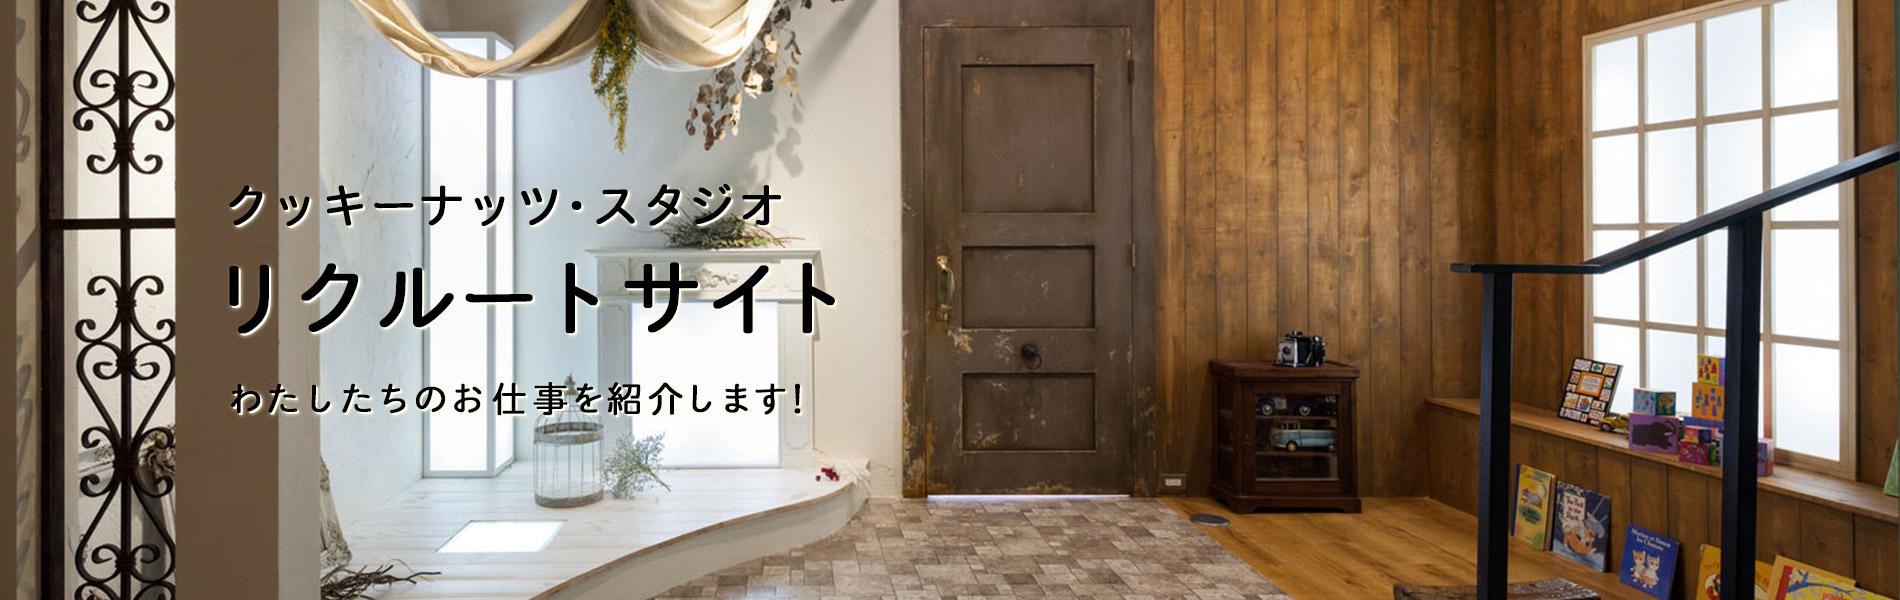 クッキーナッツ・スタジオ リクルートサイト